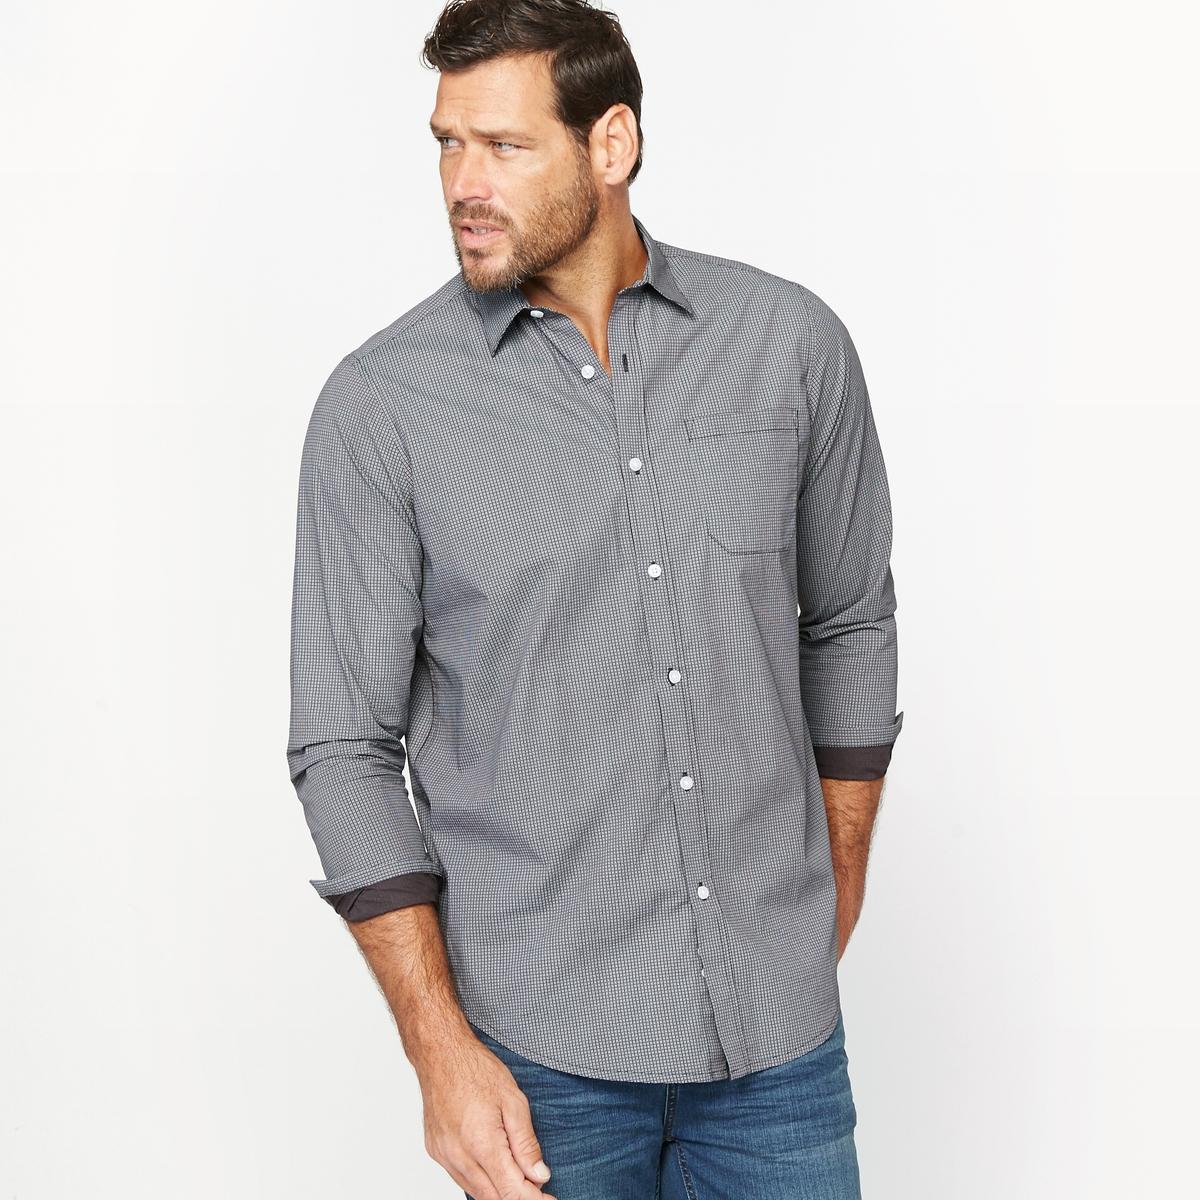 Рубашка с рисункомМатериал : Поплин из 100% хлопка. Длина передней части от 83 до 90 см в зависимости от размера.Марка : CASTALUNA FOR MEN.Уход : Машинная стирка при 30 °C.<br><br>Цвет: черный<br>Размер: 51/52